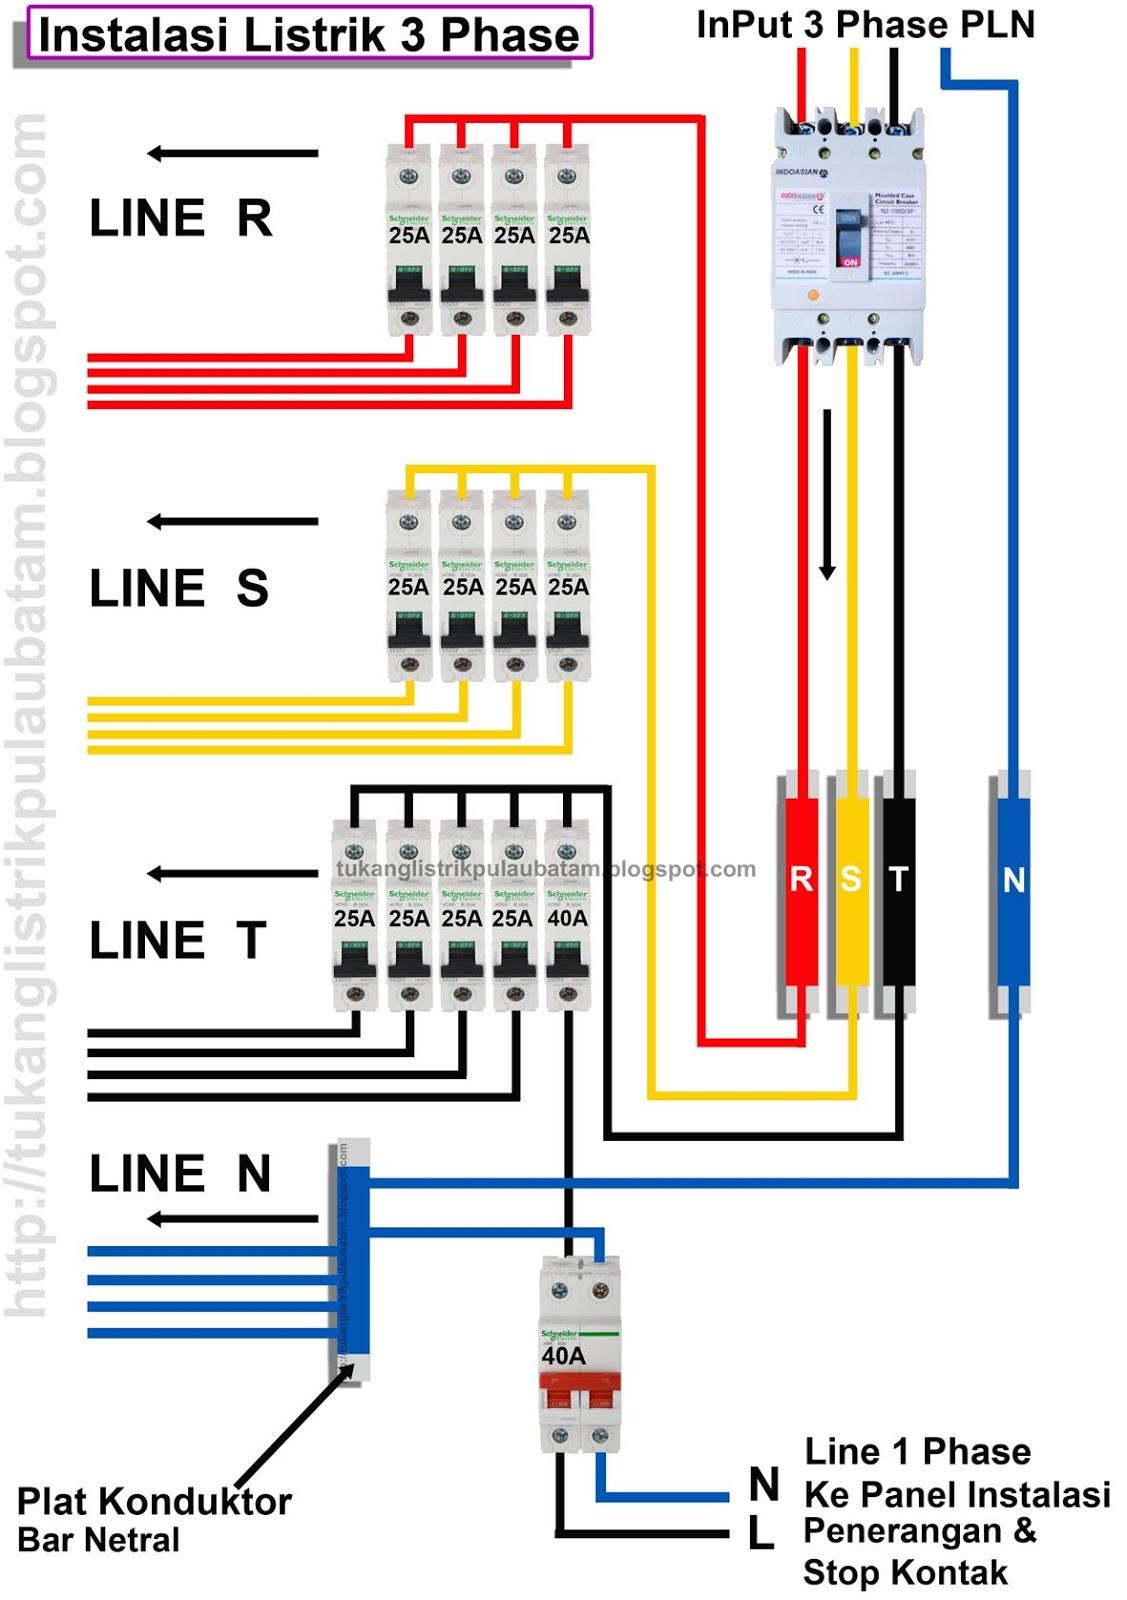 Instalasi Listrik 3 Phase Untuk Pemula | TUKANG LISTRIK BATAM